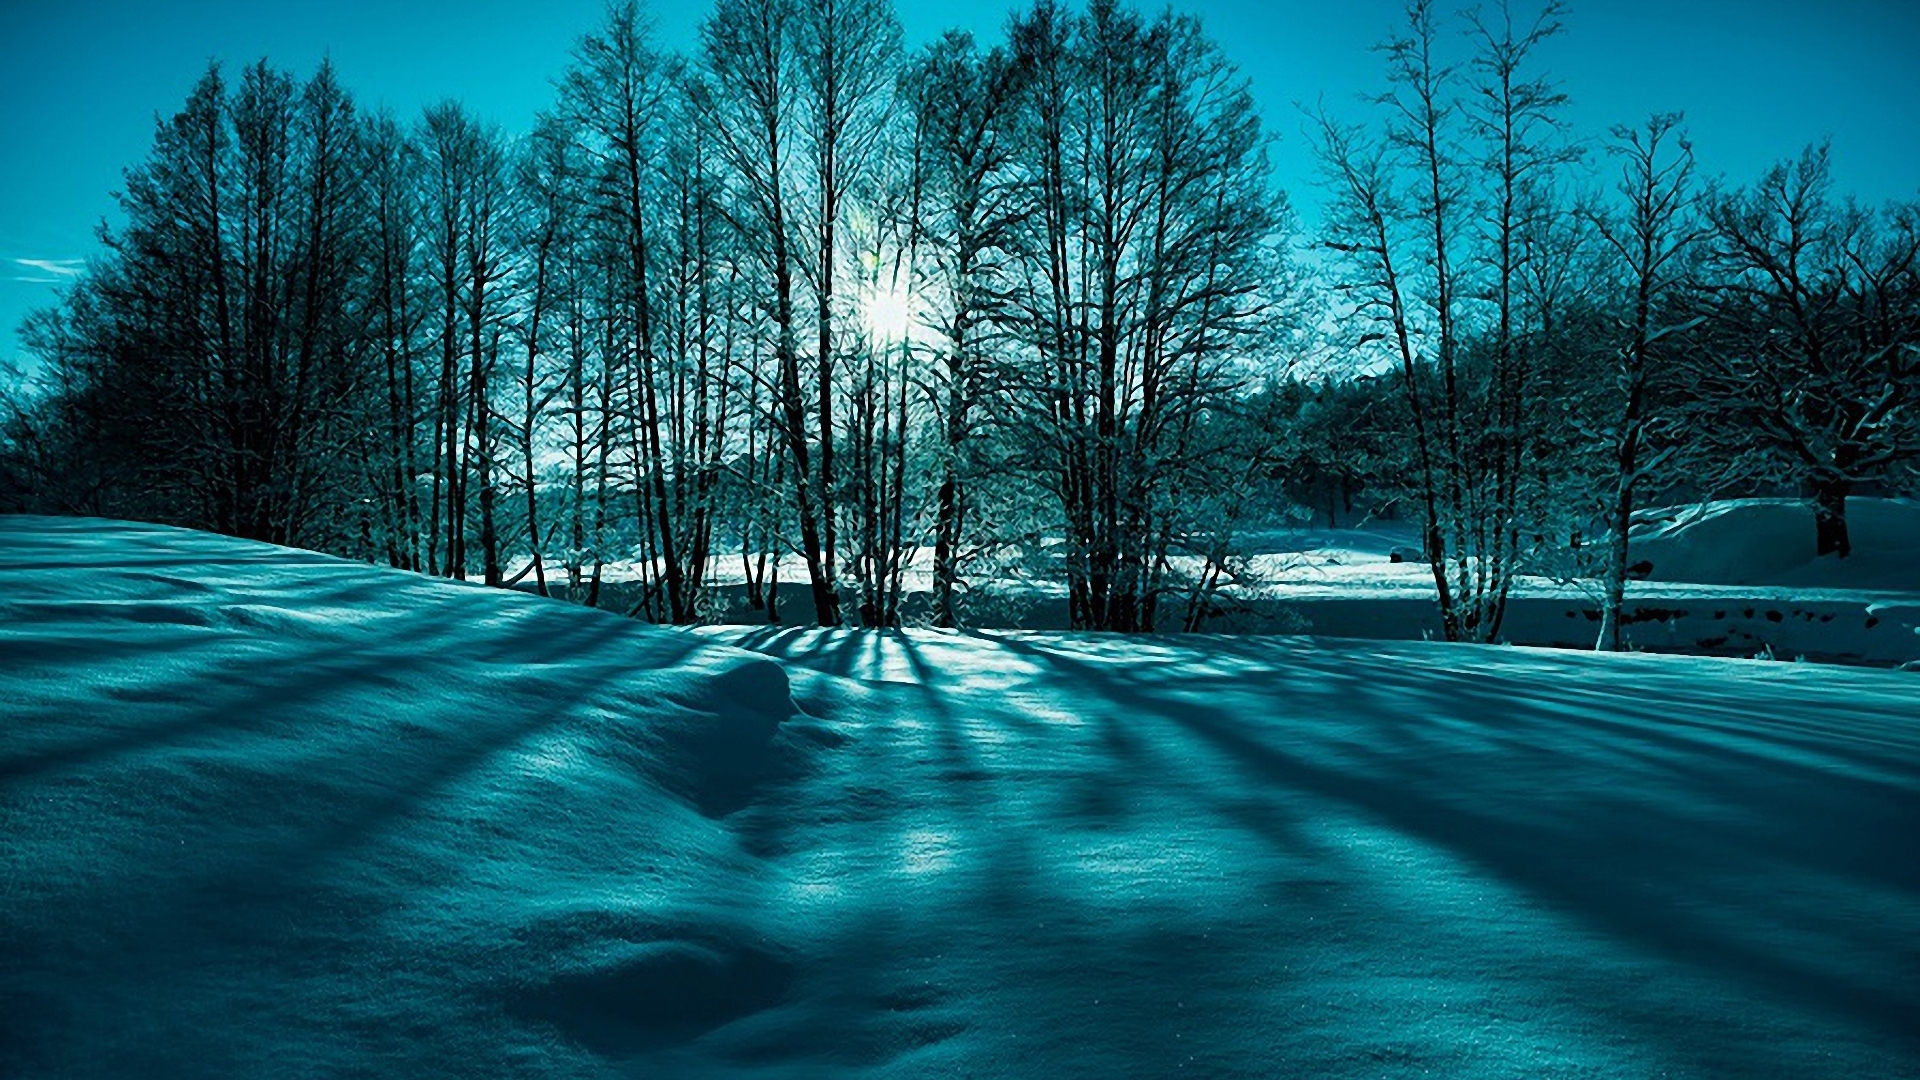 Fantastic Winter Scene In Monochrme HD Desktop Background wallpaper